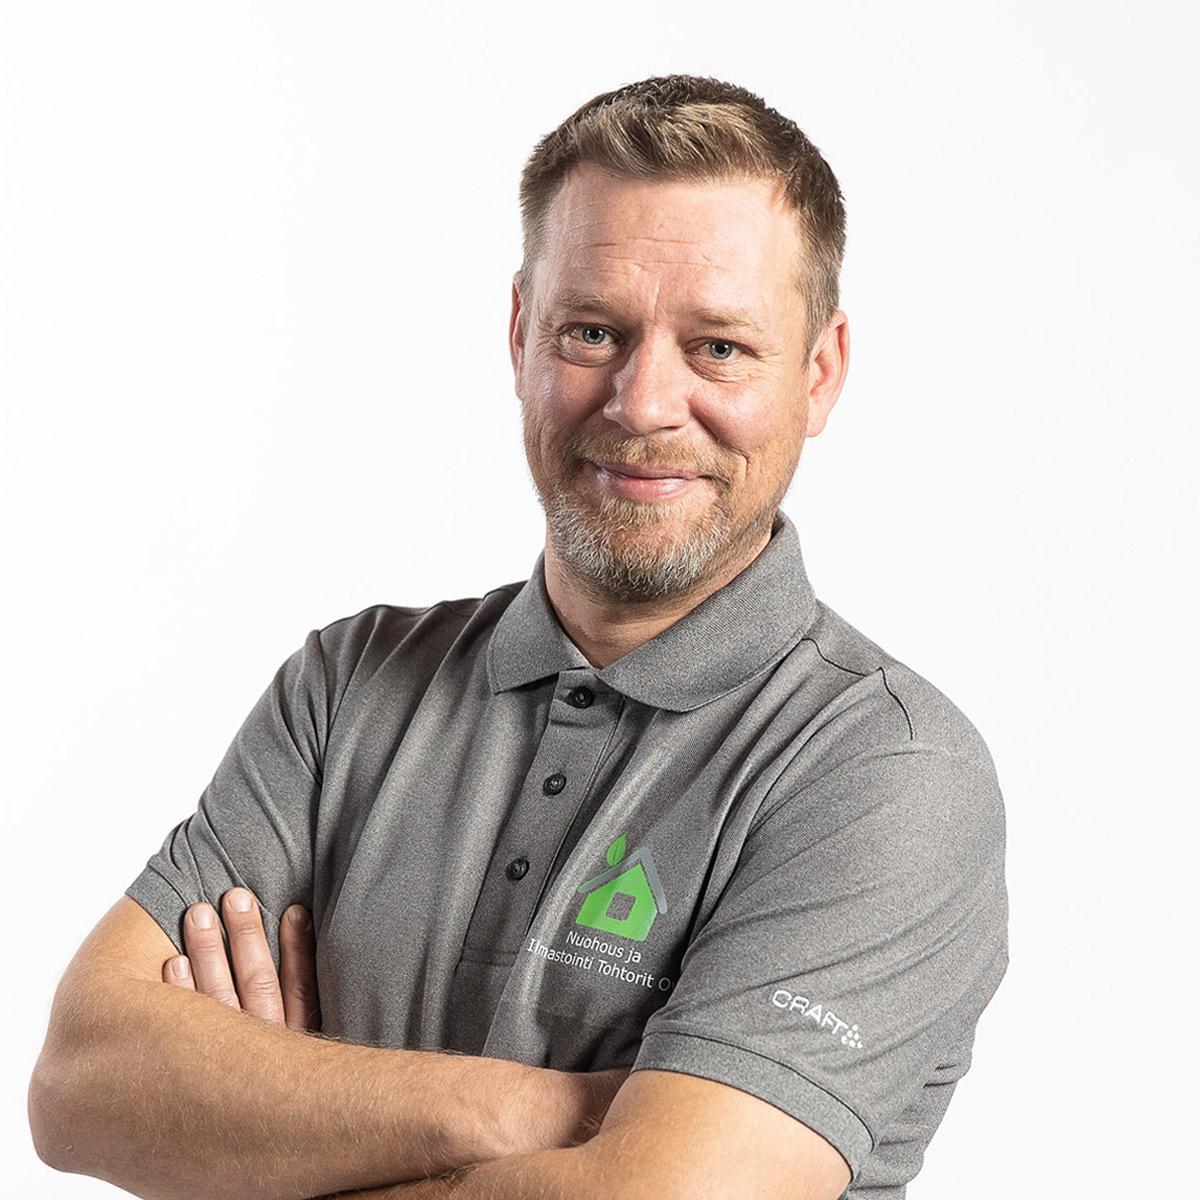 Jani Väljä